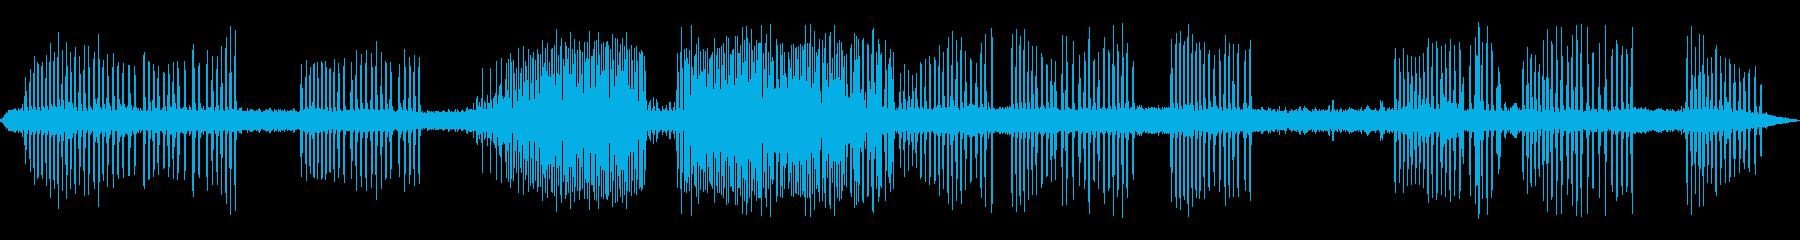 カエルの鳴き声-3の再生済みの波形